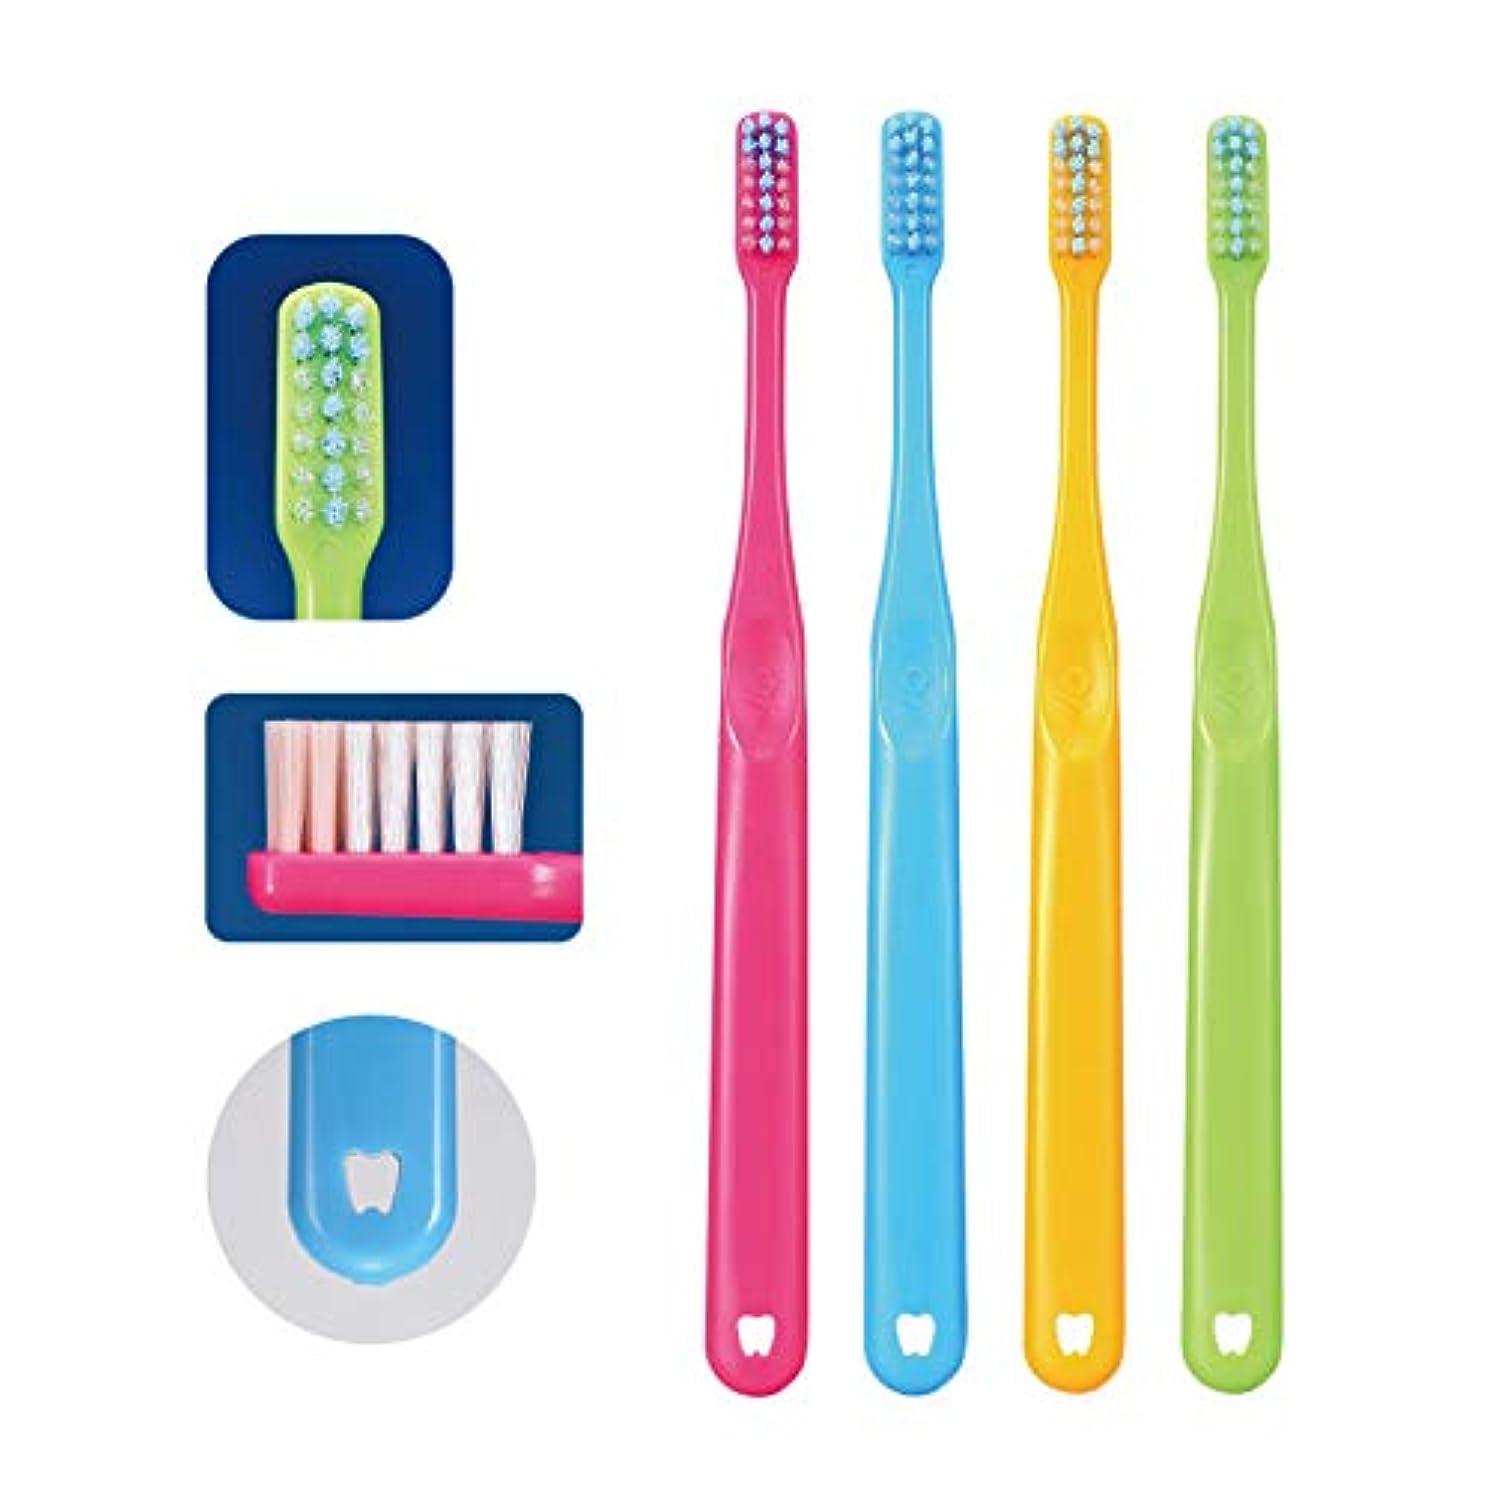 デジタル適合廃棄Ci PRO PLUS プロプラス 歯ブラシ 20本 S(やわらかめ) 日本製 プラーク除去 歯科専売品